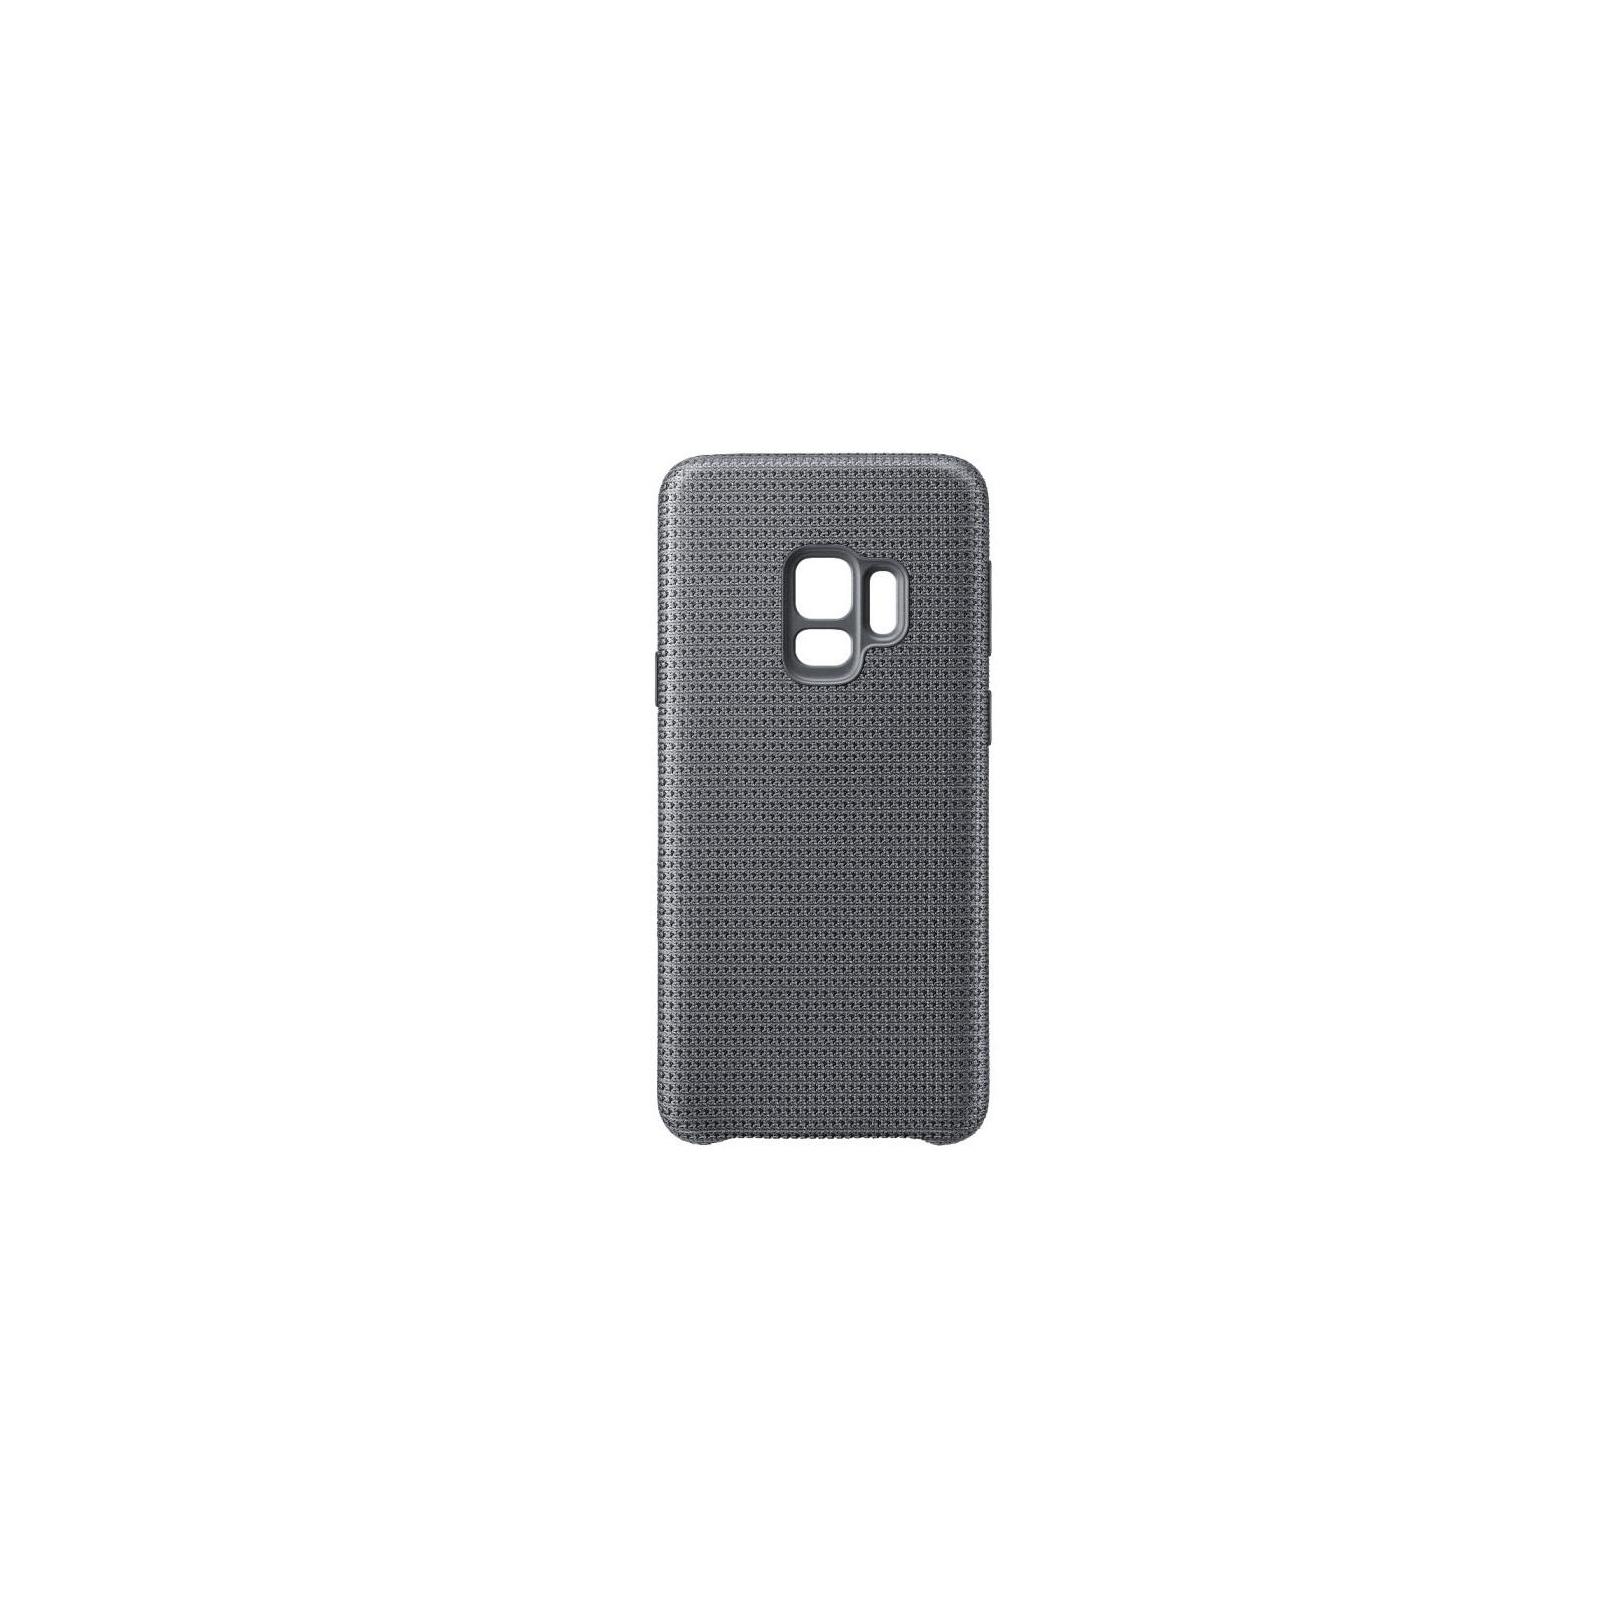 Чехол для моб. телефона Samsung для Galaxy S9 (G960) Hyperknit Cover Grey (EF-GG960FJEGRU)